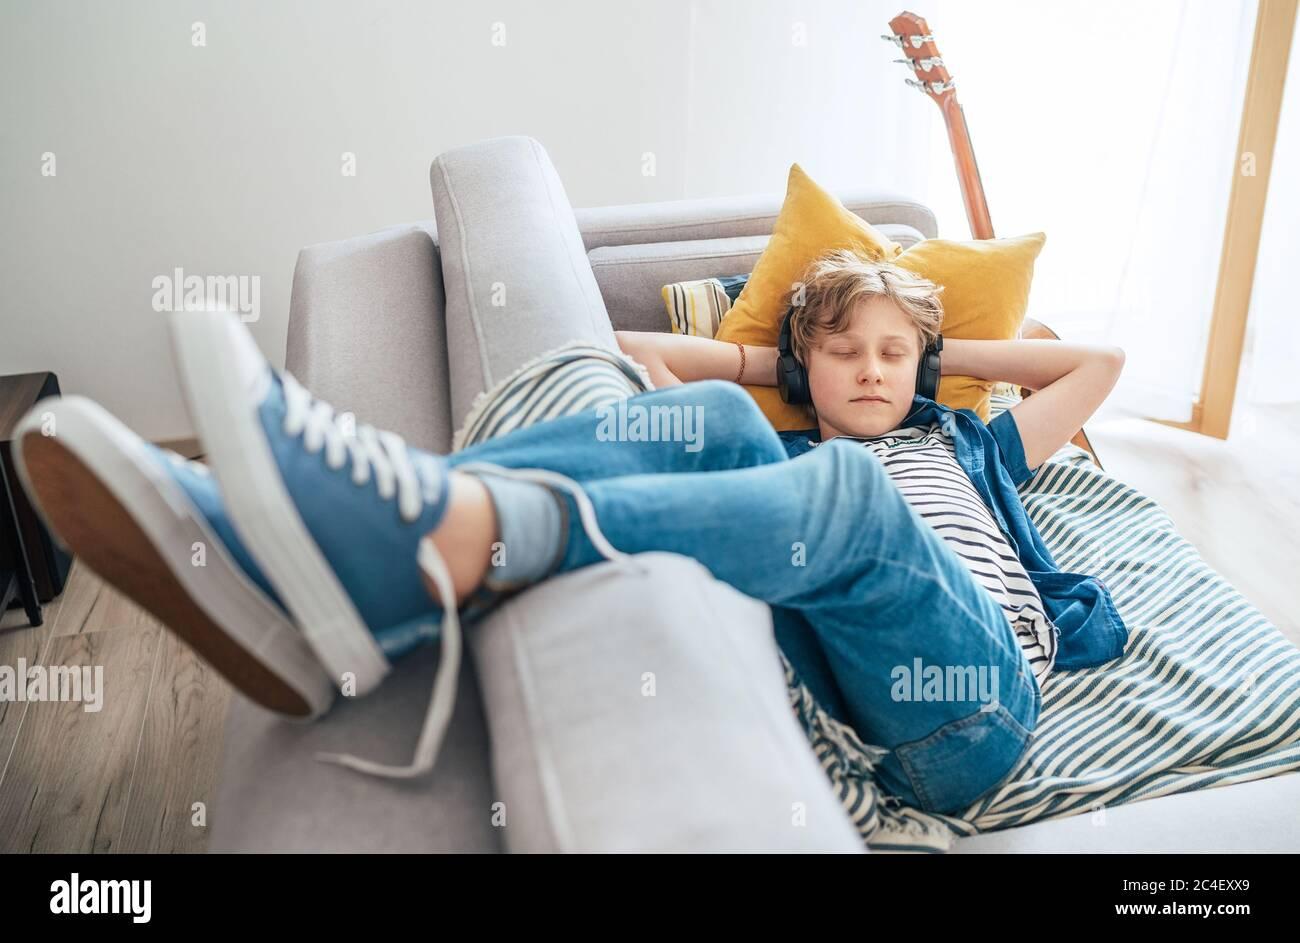 Un niño preadolescente durmiendo acostado en la sala de estar de la casa llena de luz solar en el sofá acogedor vestido con jeans y zapatillas de deporte informal escuchando música Foto de stock